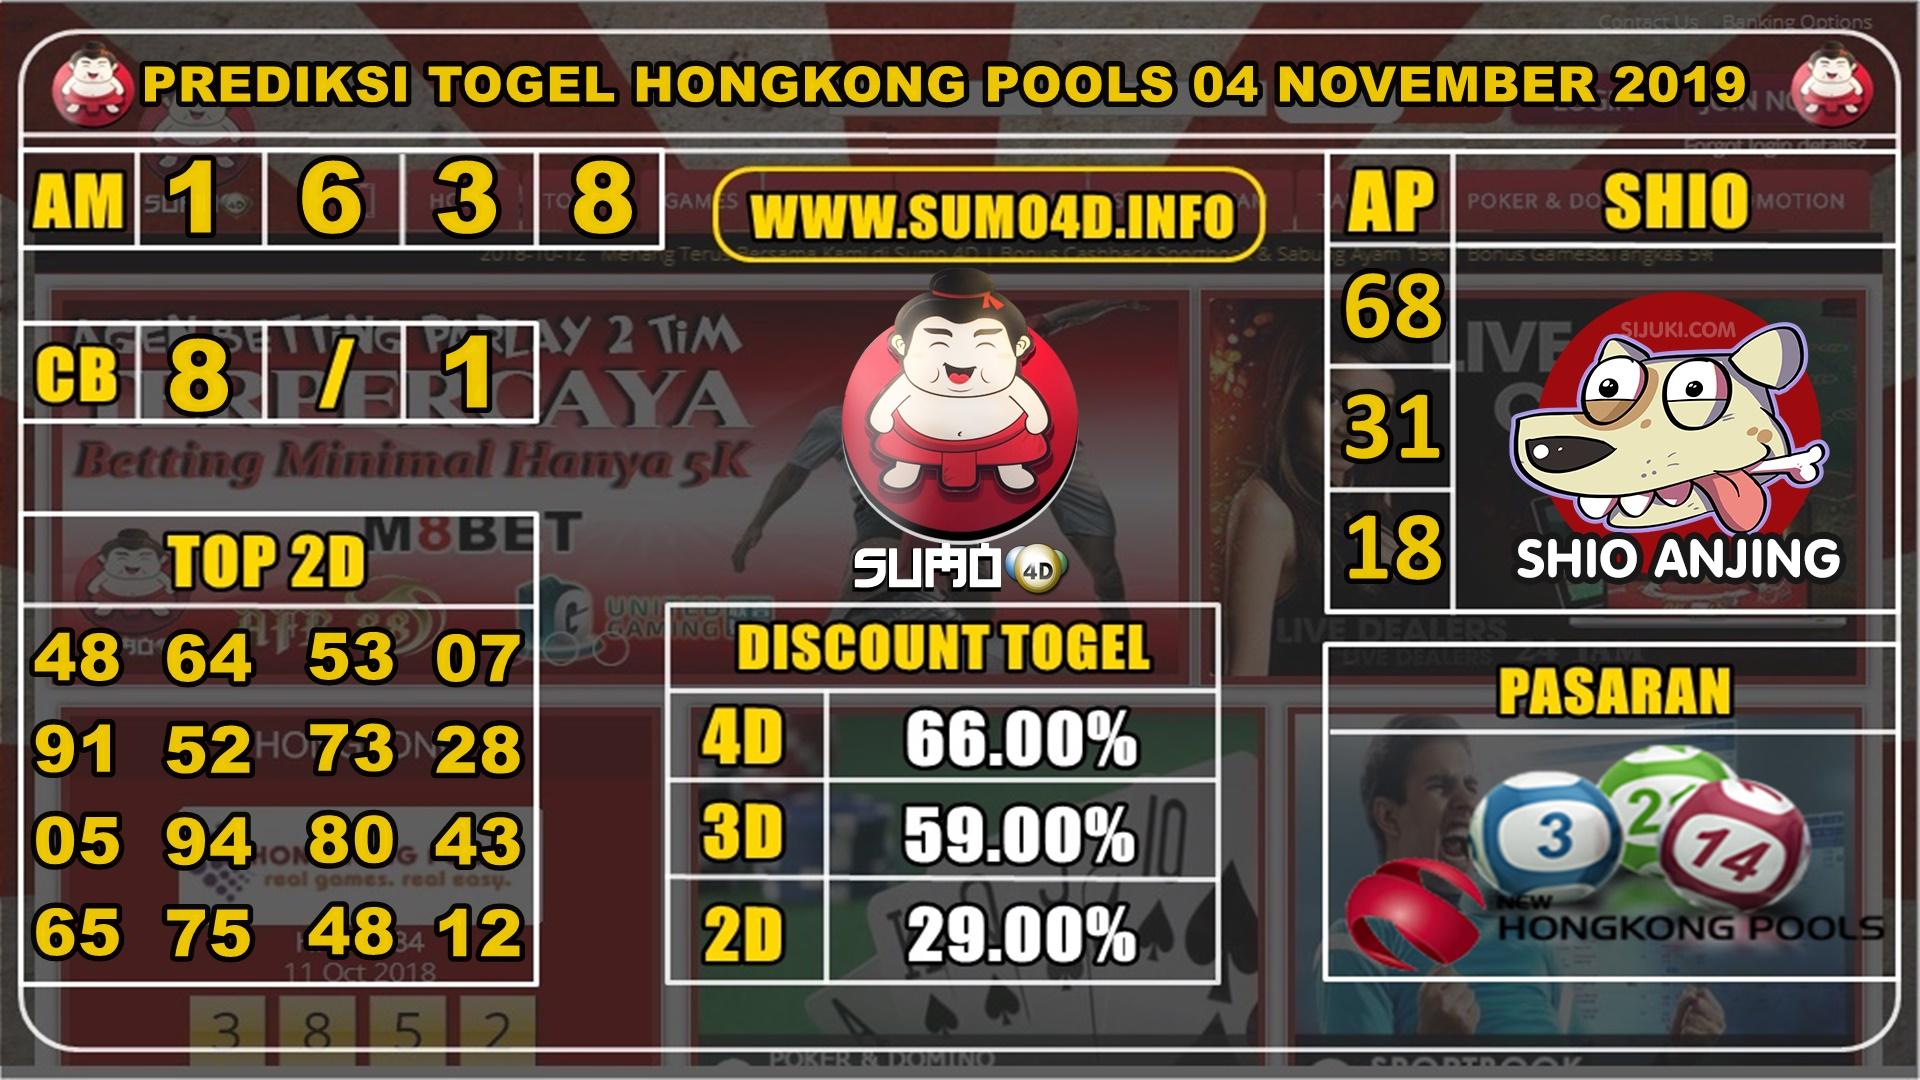 PREDIKSI TOGEL HONGKONG POOLS 04 NOVEMBER 2019